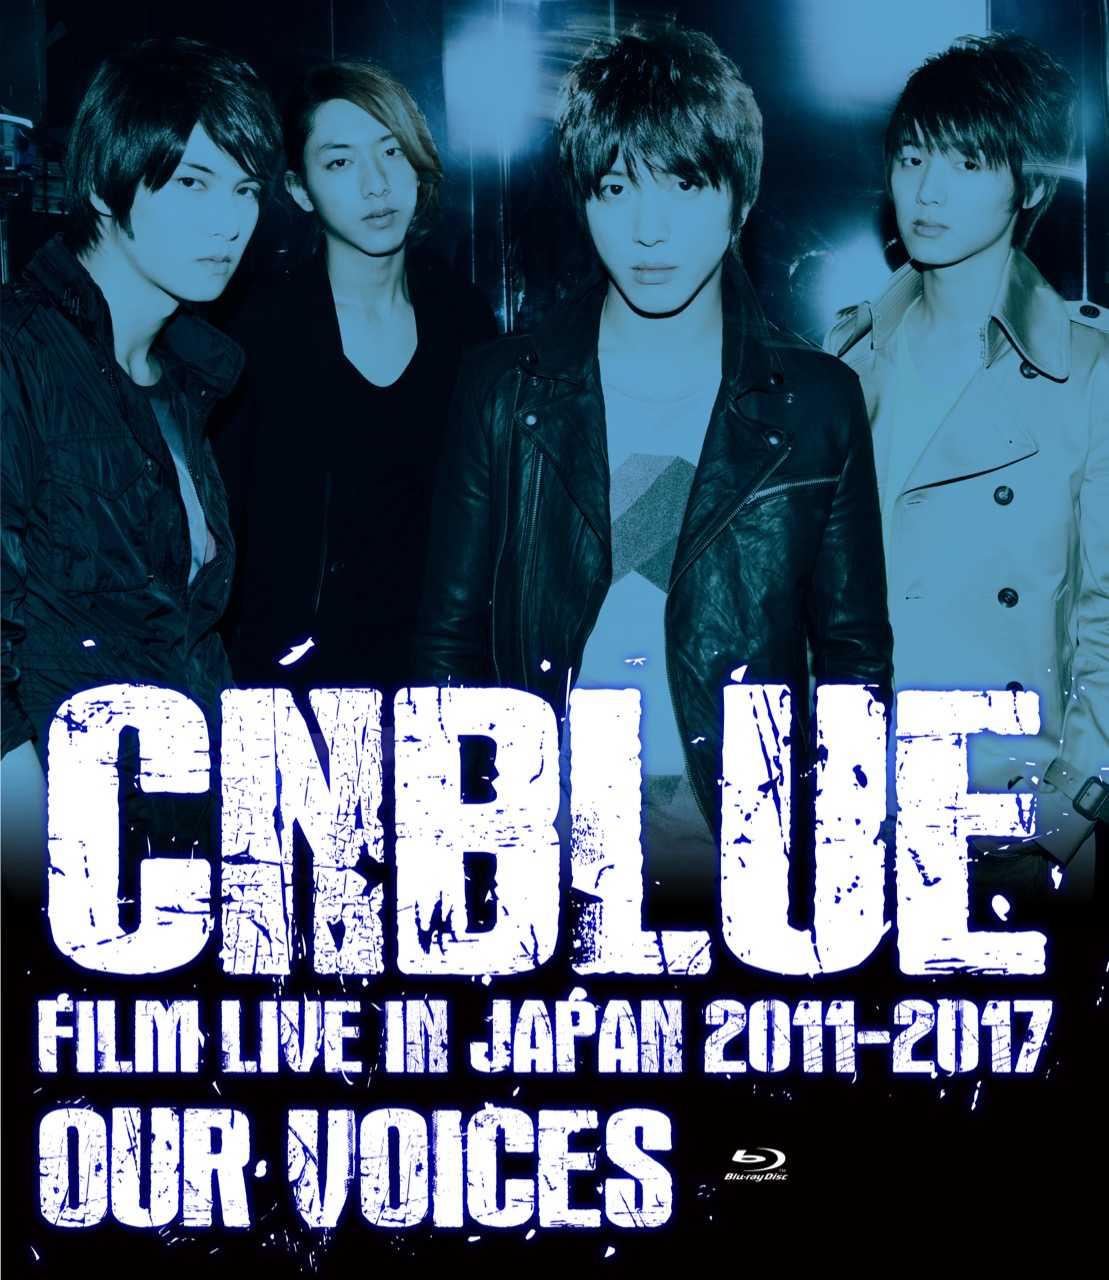 CNBLUE ライブDVDが8/28 リリース!ファンクラブ会員限定ティザー映像も公開!!